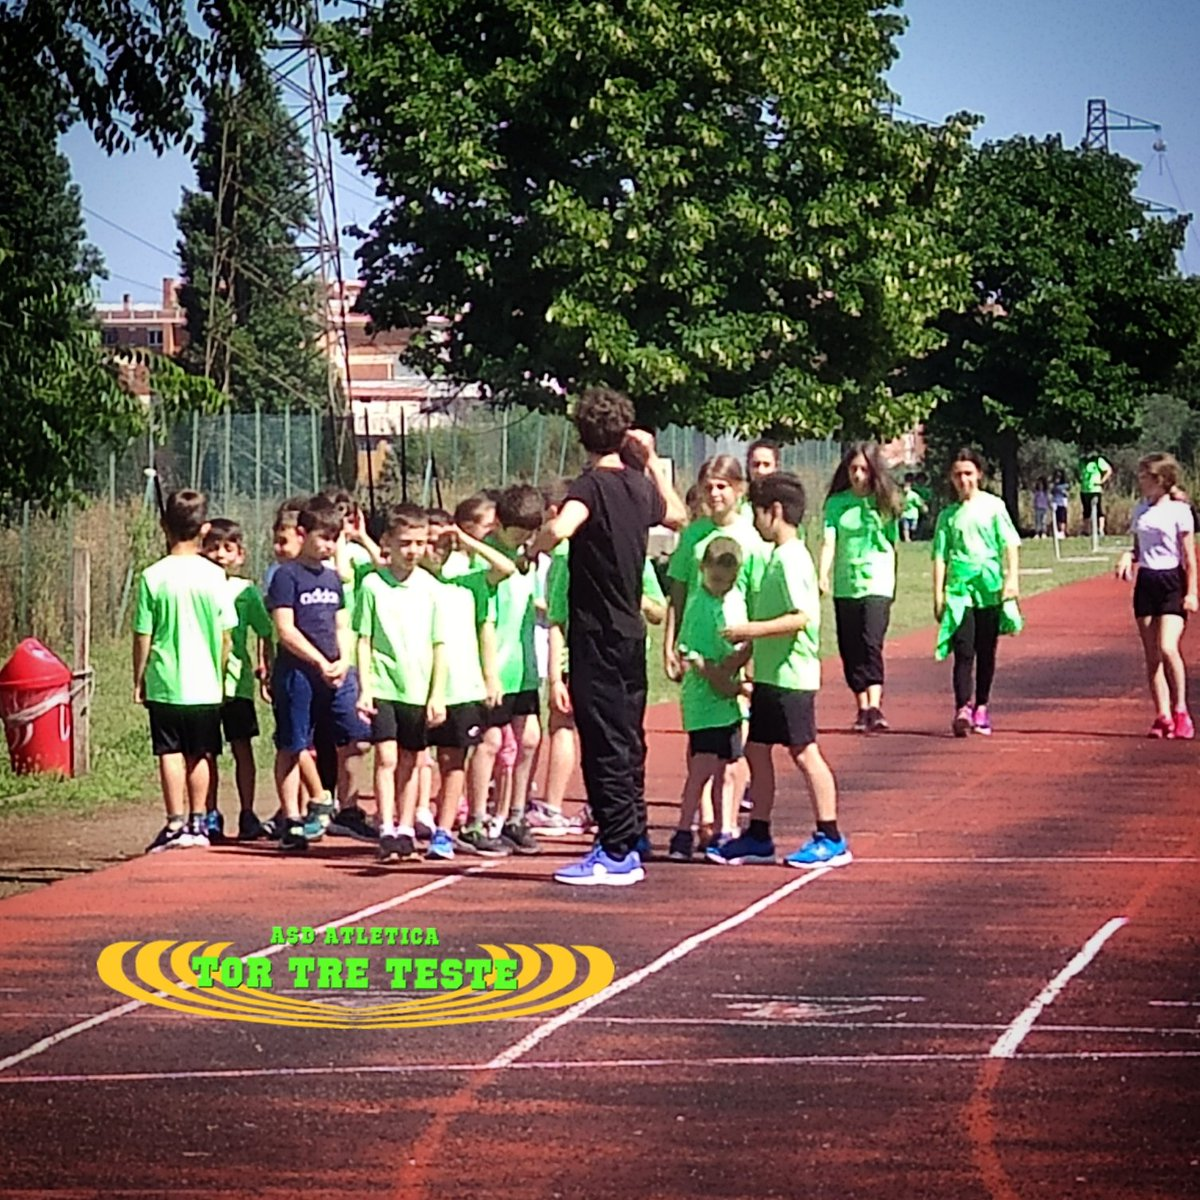 Davide Di Giacomo insieme al suo #gruppo di #atleti per la seduta di #allenamento.   #lazio #roma #fidalroma #fidallazio #verdefluo #atletica #atleticatortreteste #correre #run #running #fit #fitness #sport #active #tokio2020 https://t.co/PrnKJy1WXz